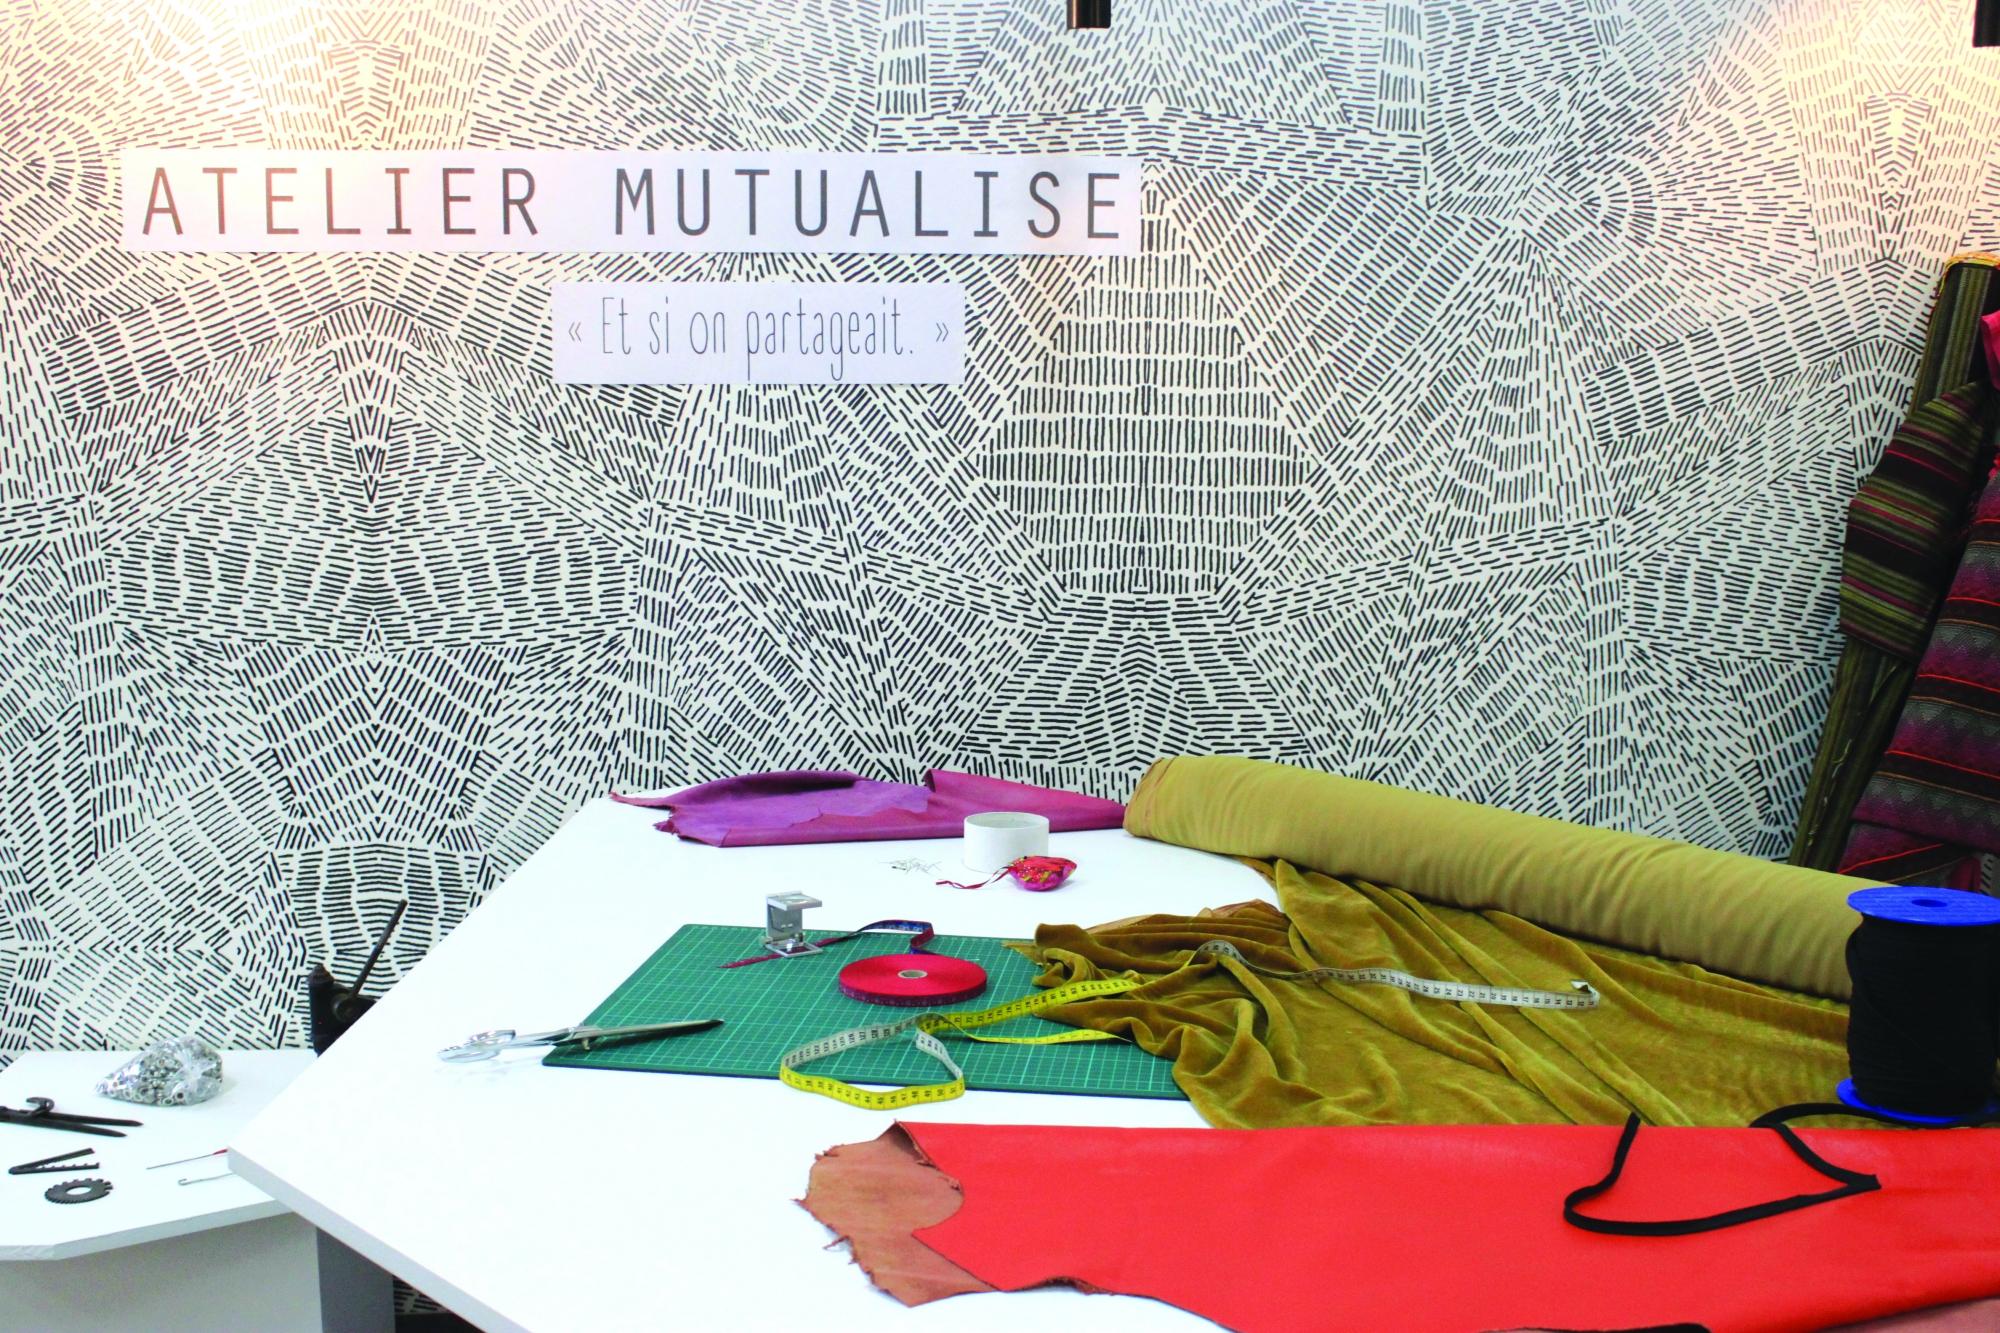 Biennale internationale design saint etienne 2017 programme la manufactur - La manufacture nouvelle ...